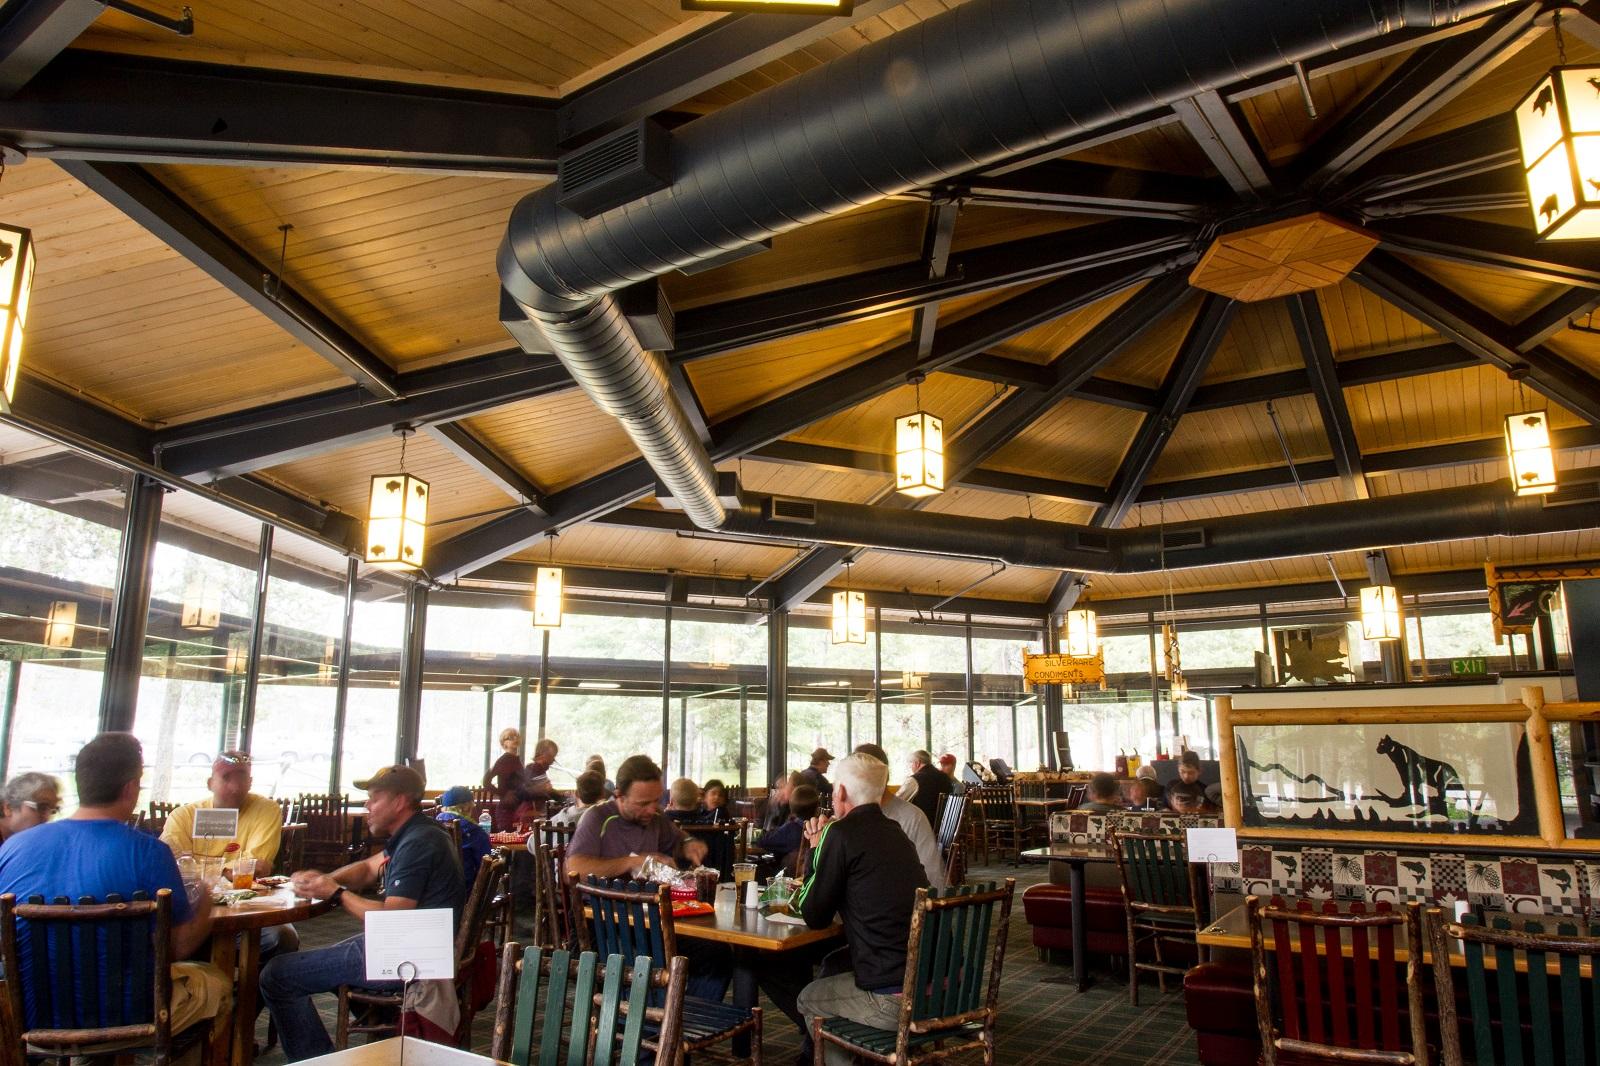 Colter Bay Village Restaurants